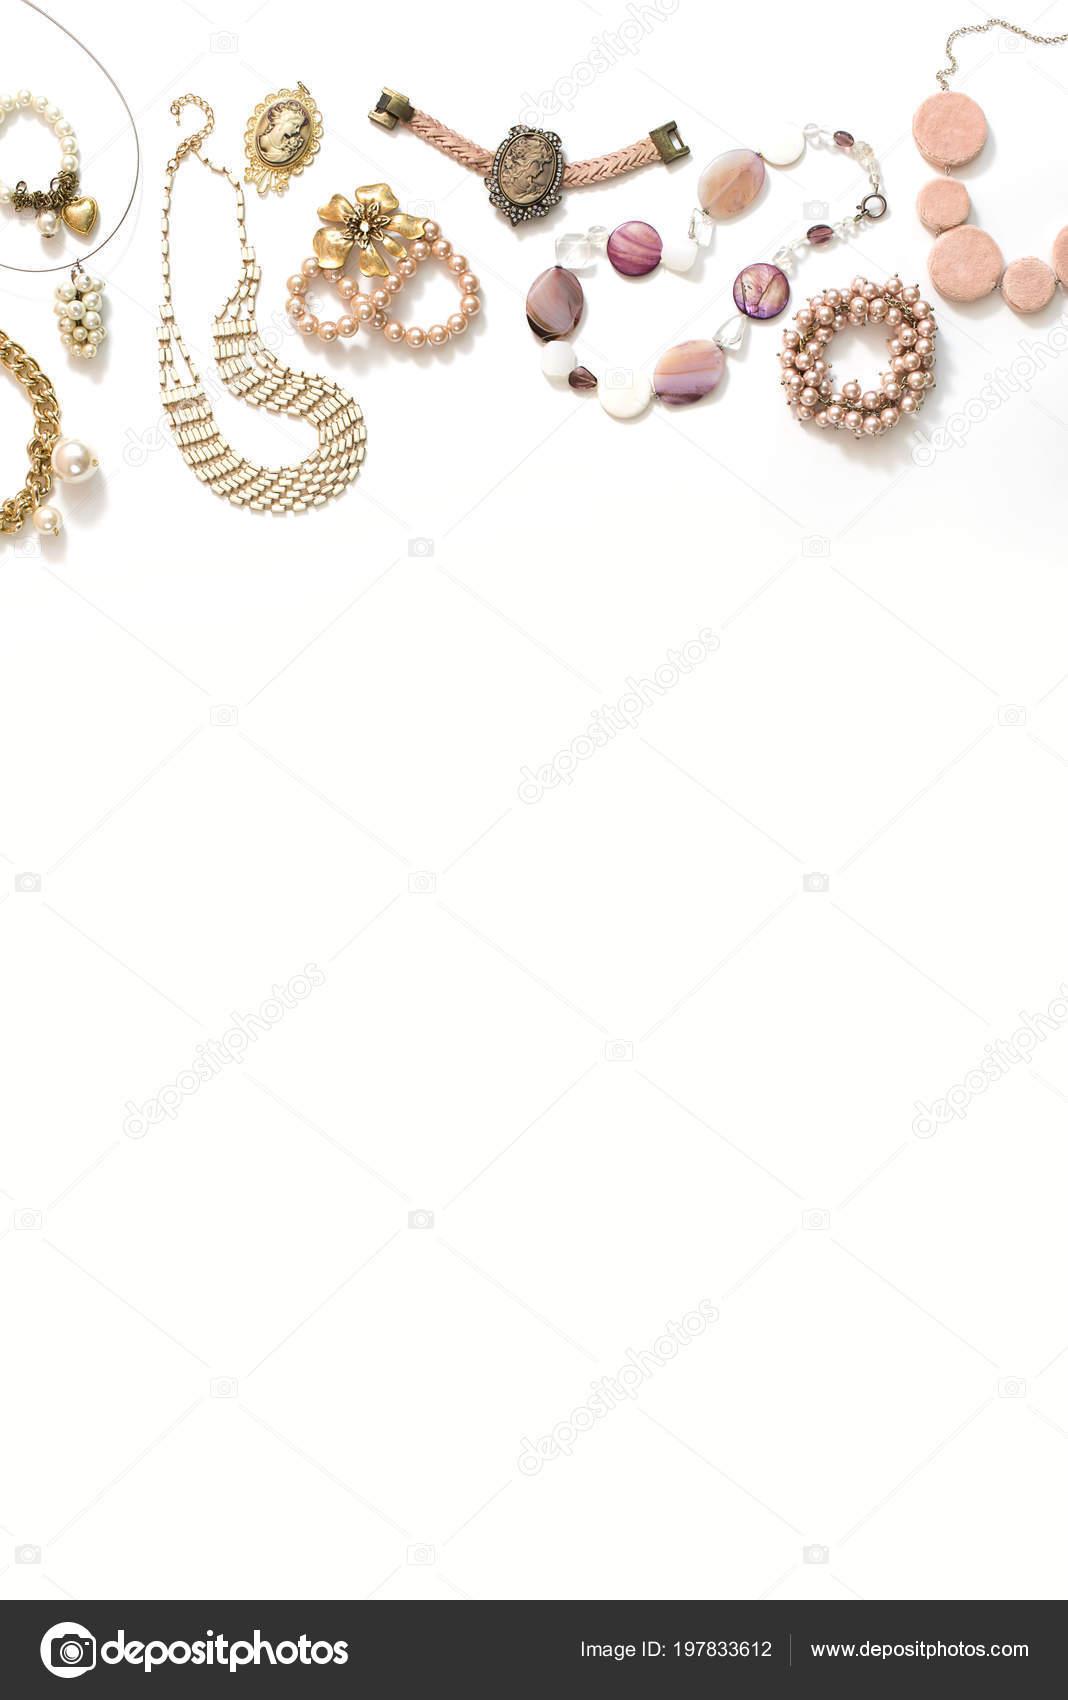 b6c1a3b7f845 Conjunto de joyería de las mujeres en estilo vintage camafeo perla cadena  pendientes sobre fondo blanco. La vista desde la parte superior en posición  plana– ...